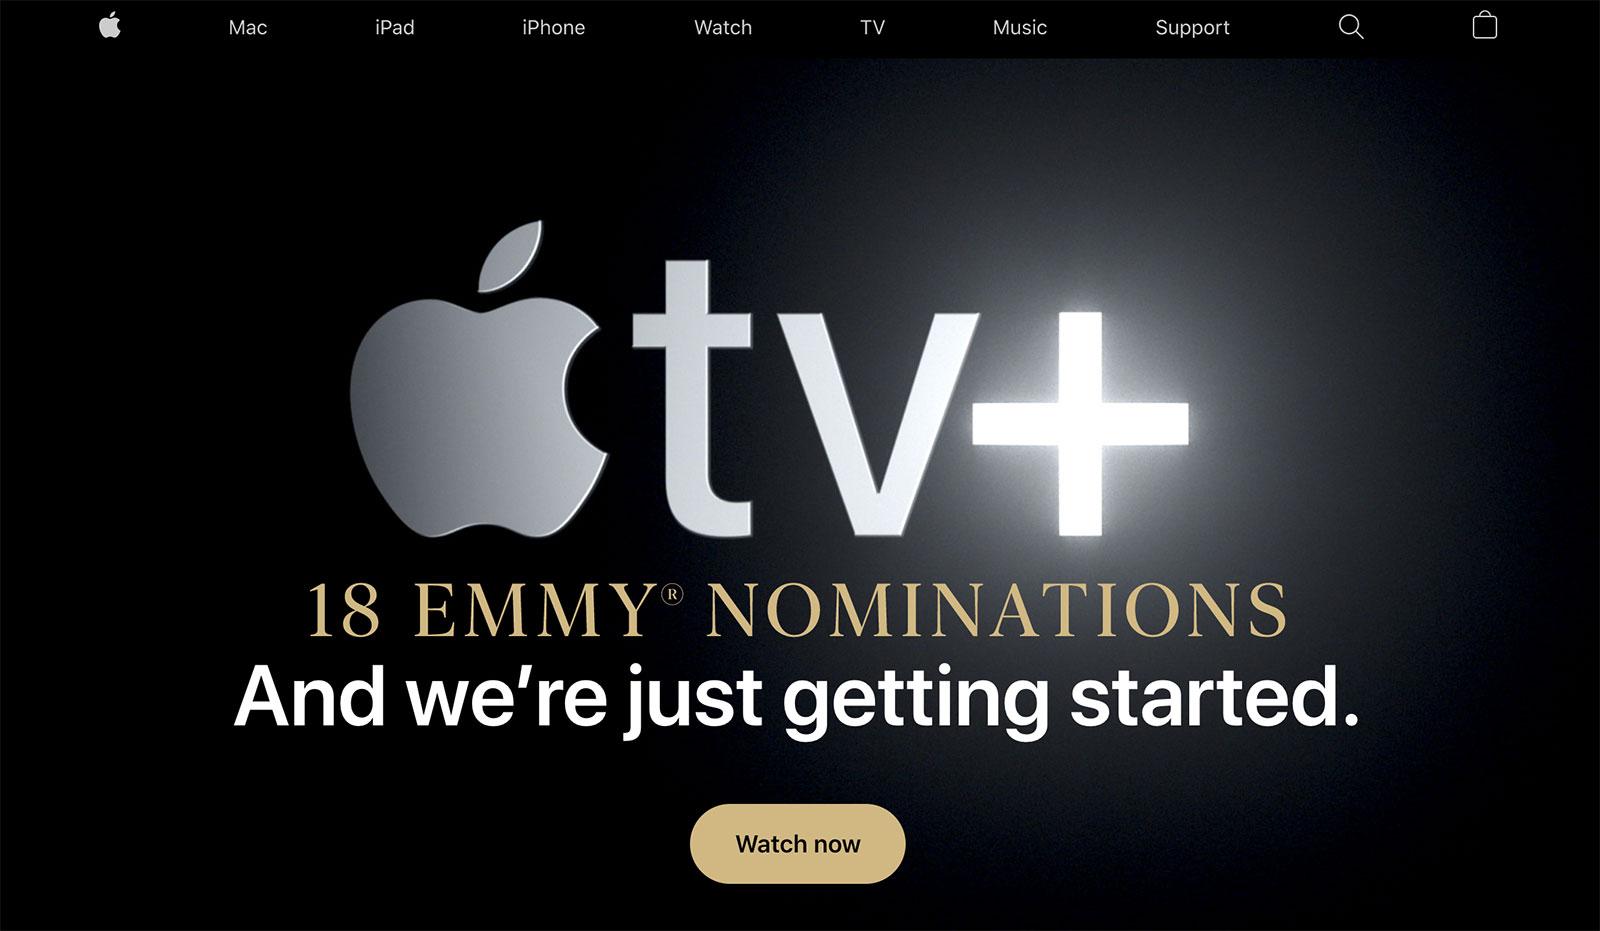 18 nominaciones Emmy en la web de Apple